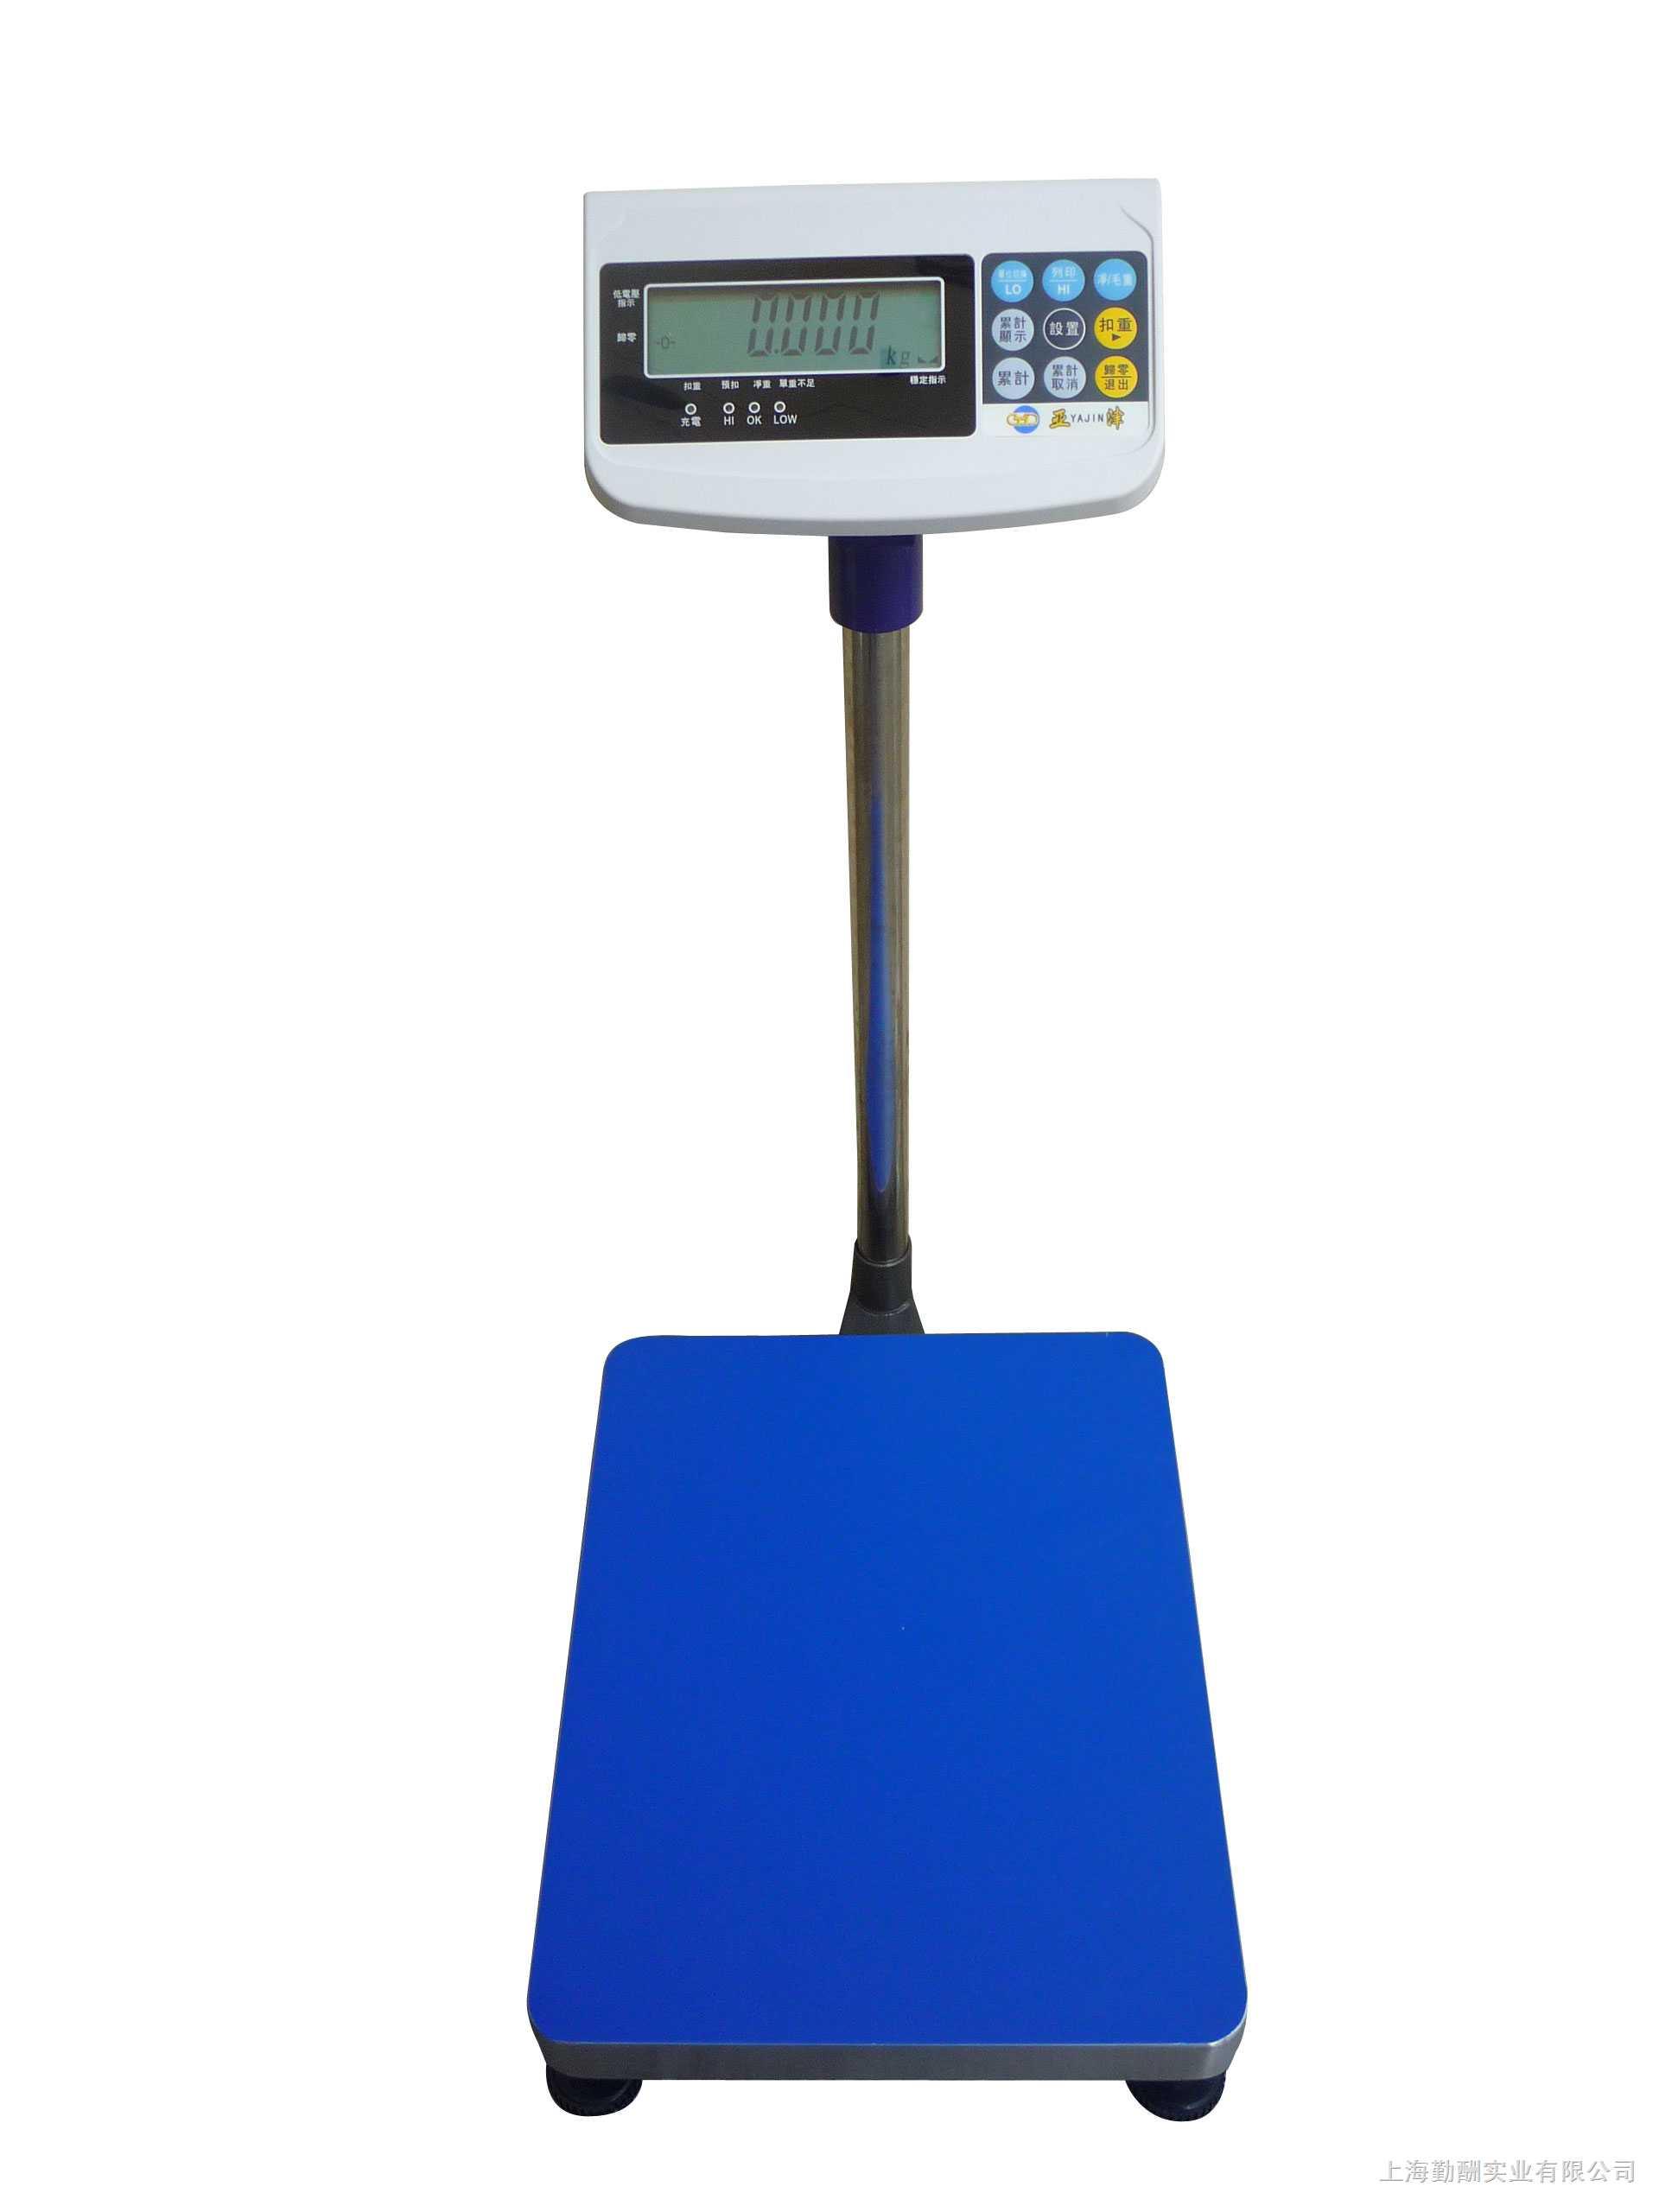 叁佰公斤电子秤*300公斤电子秤*嘉定300千克电子秤价钱k